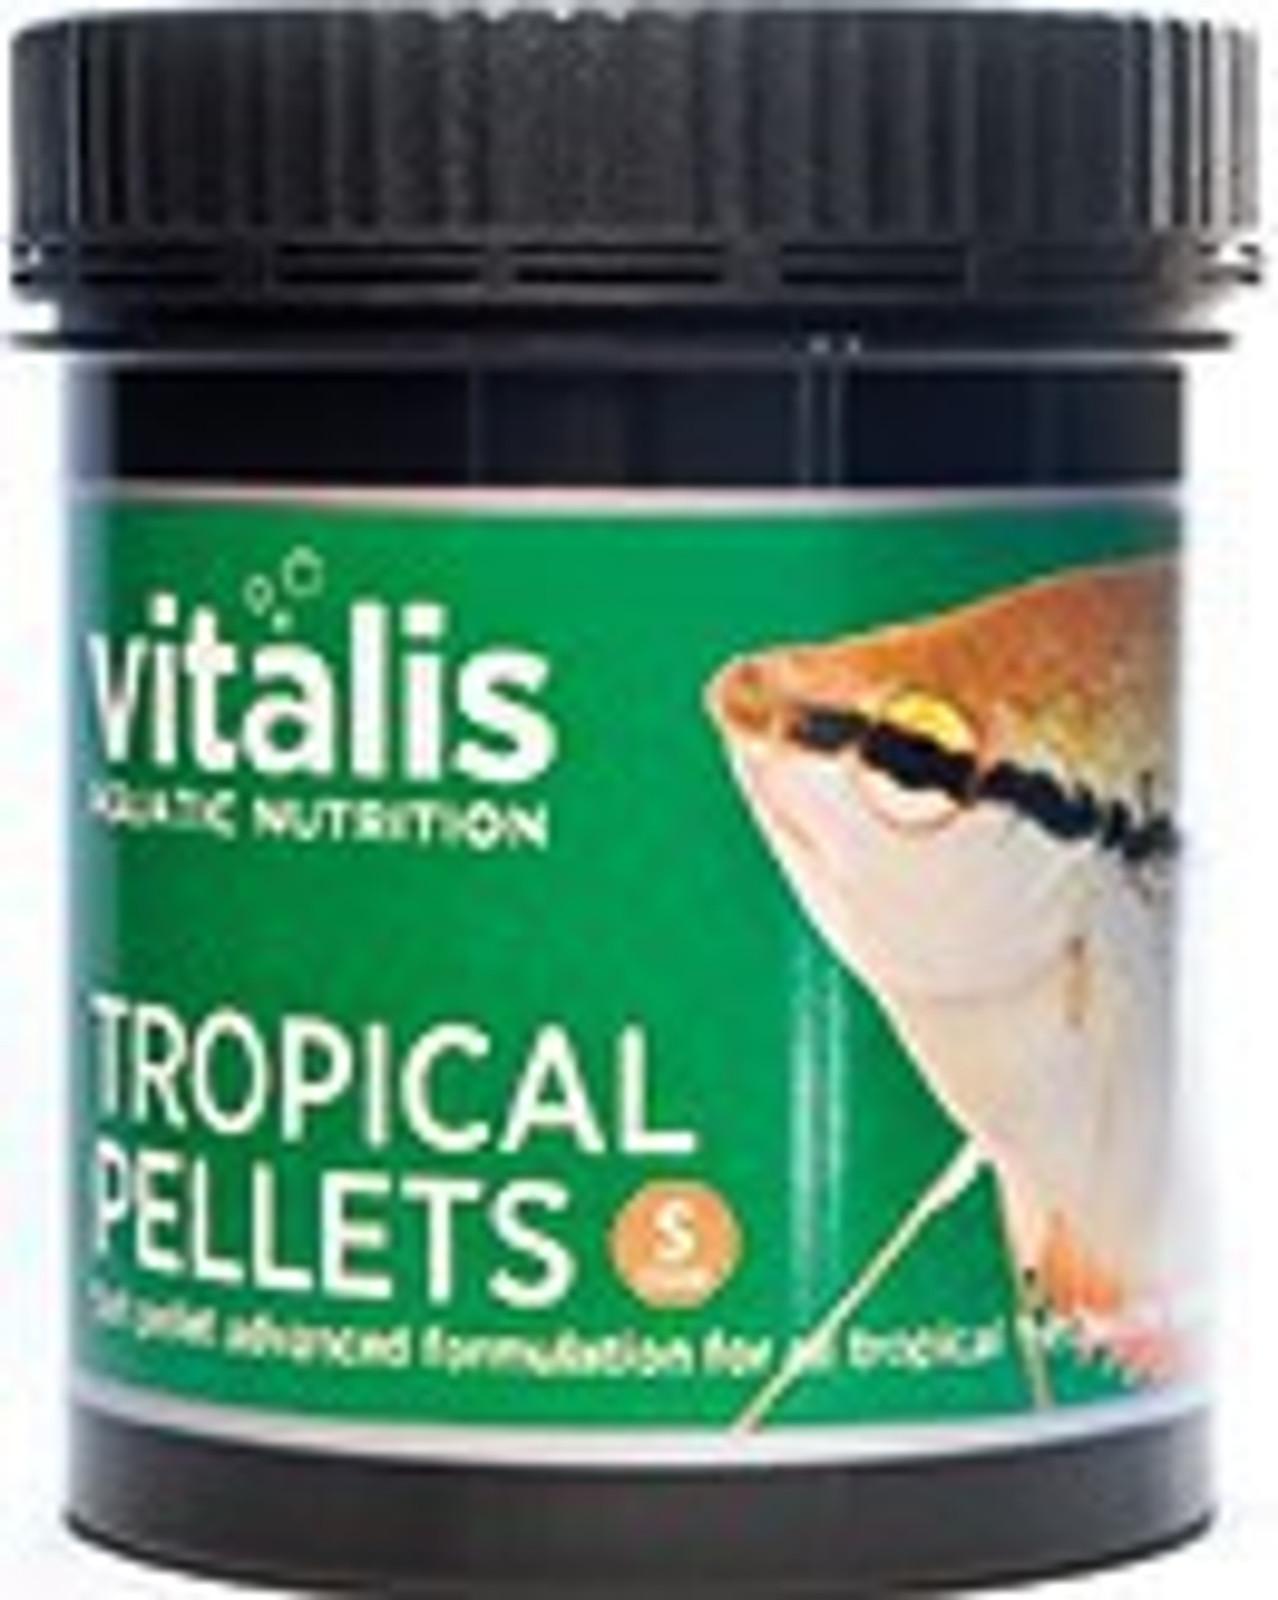 vitalis Tropical Pellets 60 g Ø 1 mm für tropische Süßwasserfische – Bild 1